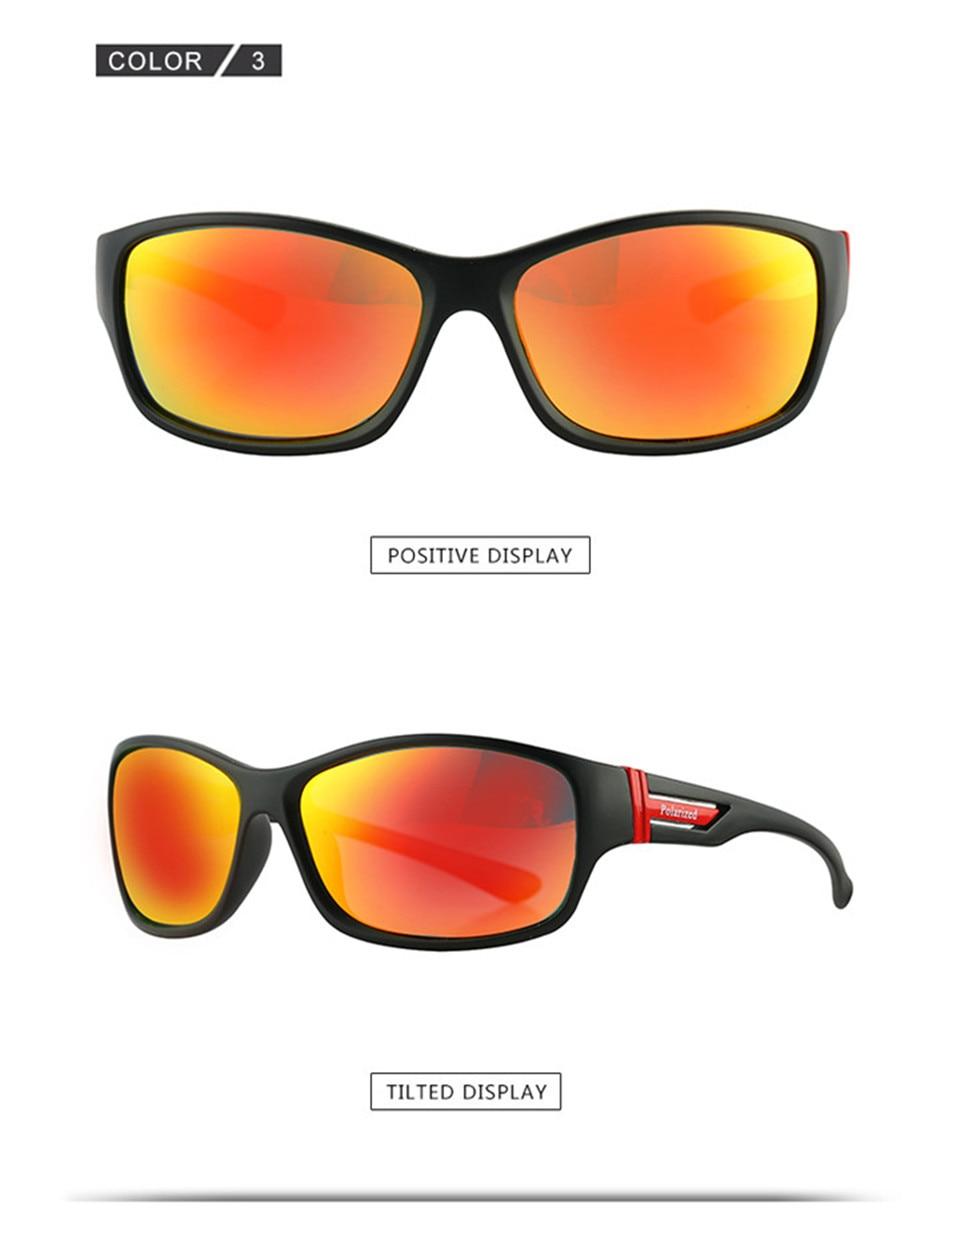 RILIXES 2018 Fashion Guy\'s Sun Glasses From Kdeam Polarized Sunglasses Men Classic Design All-Fit Mirror Sunglass (9)